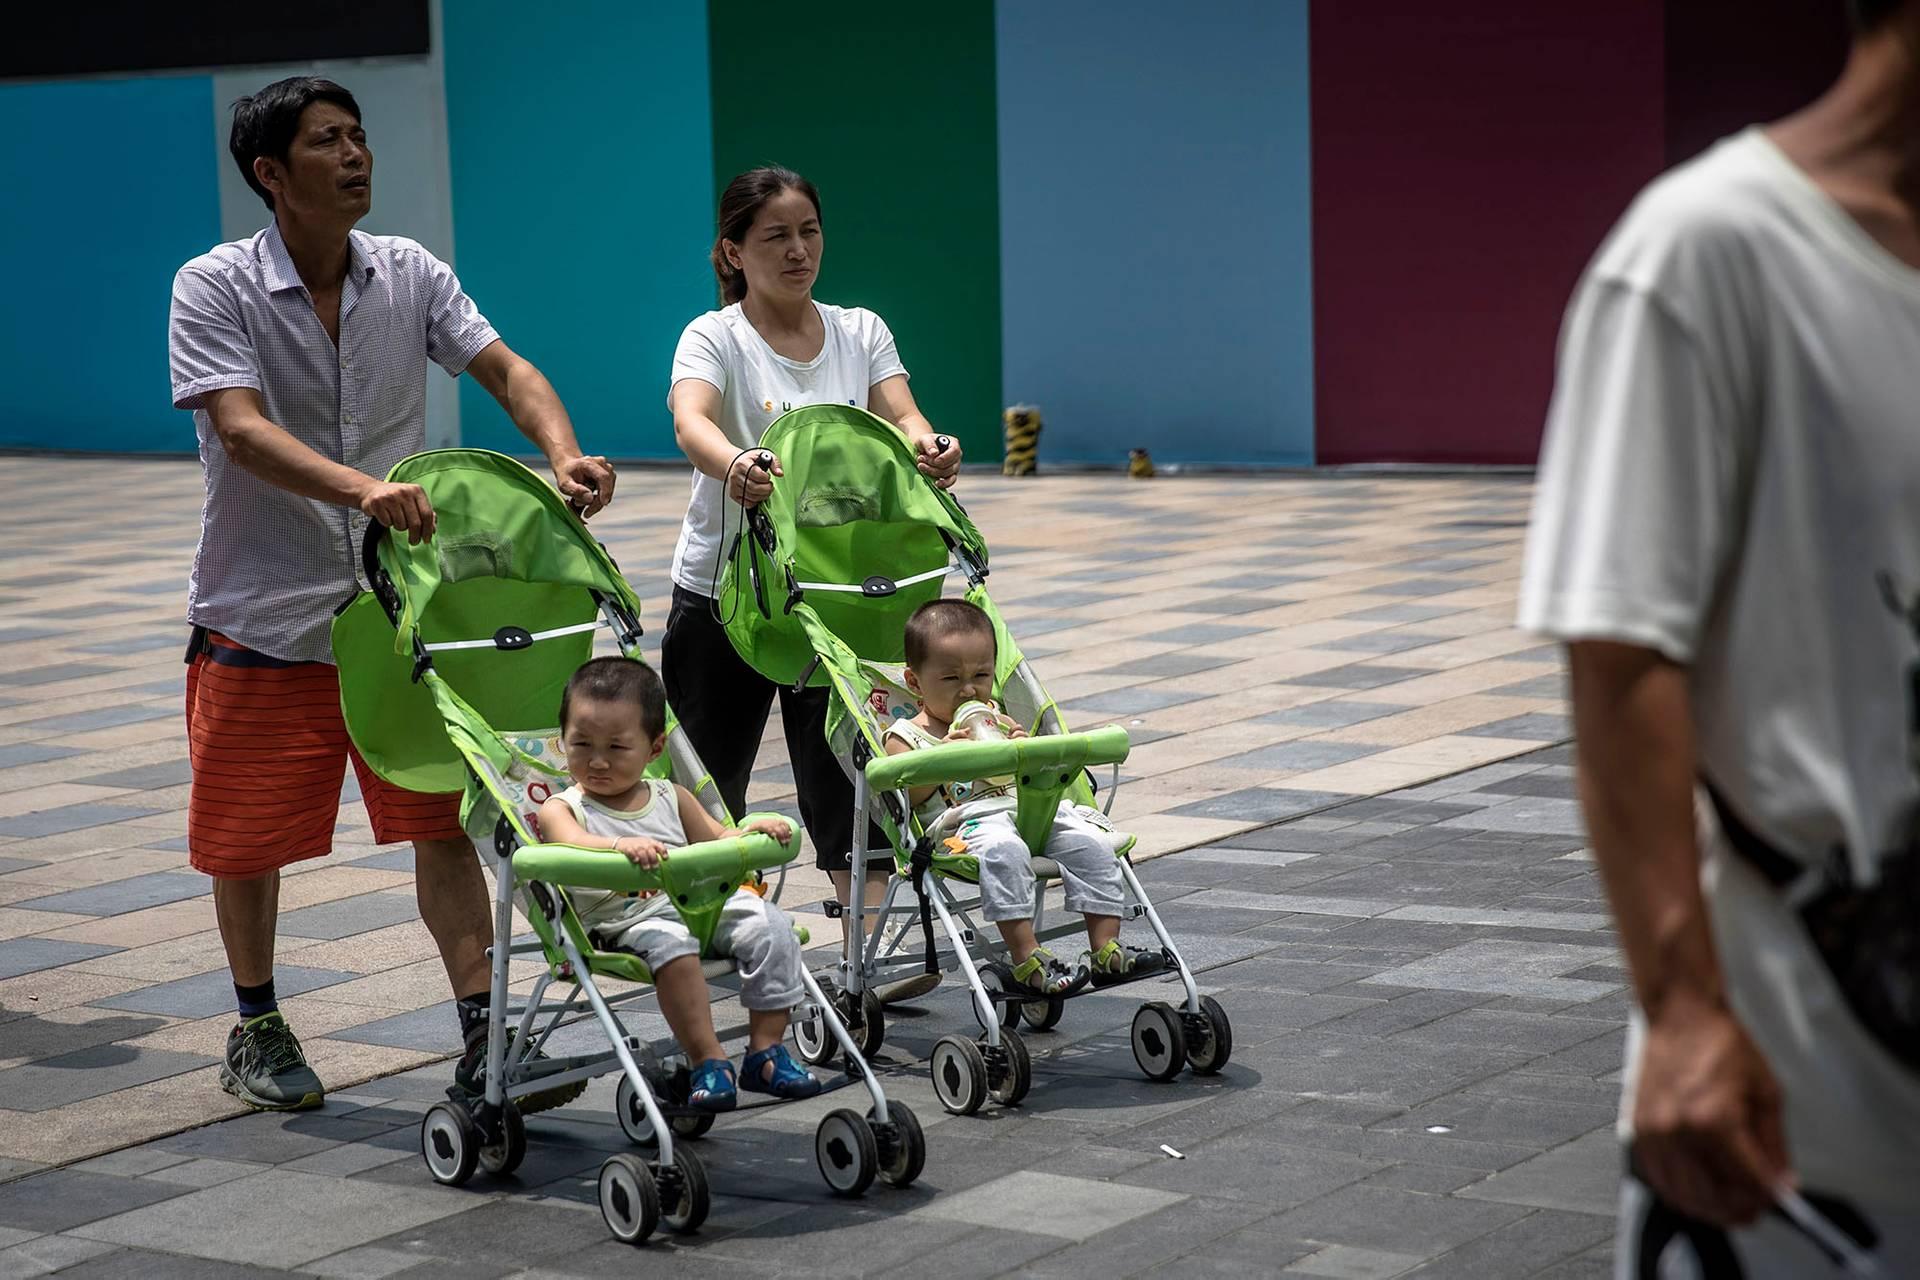 У 2016-му Компартія дозволила всім родинам мати по дві дитини, однак це не призвело до очікуваного бебі-буму (на фото — батьки із двома дітьми гуляють в районі Санлітун в Пекіні, Китай, 10 серпня 2018 року)